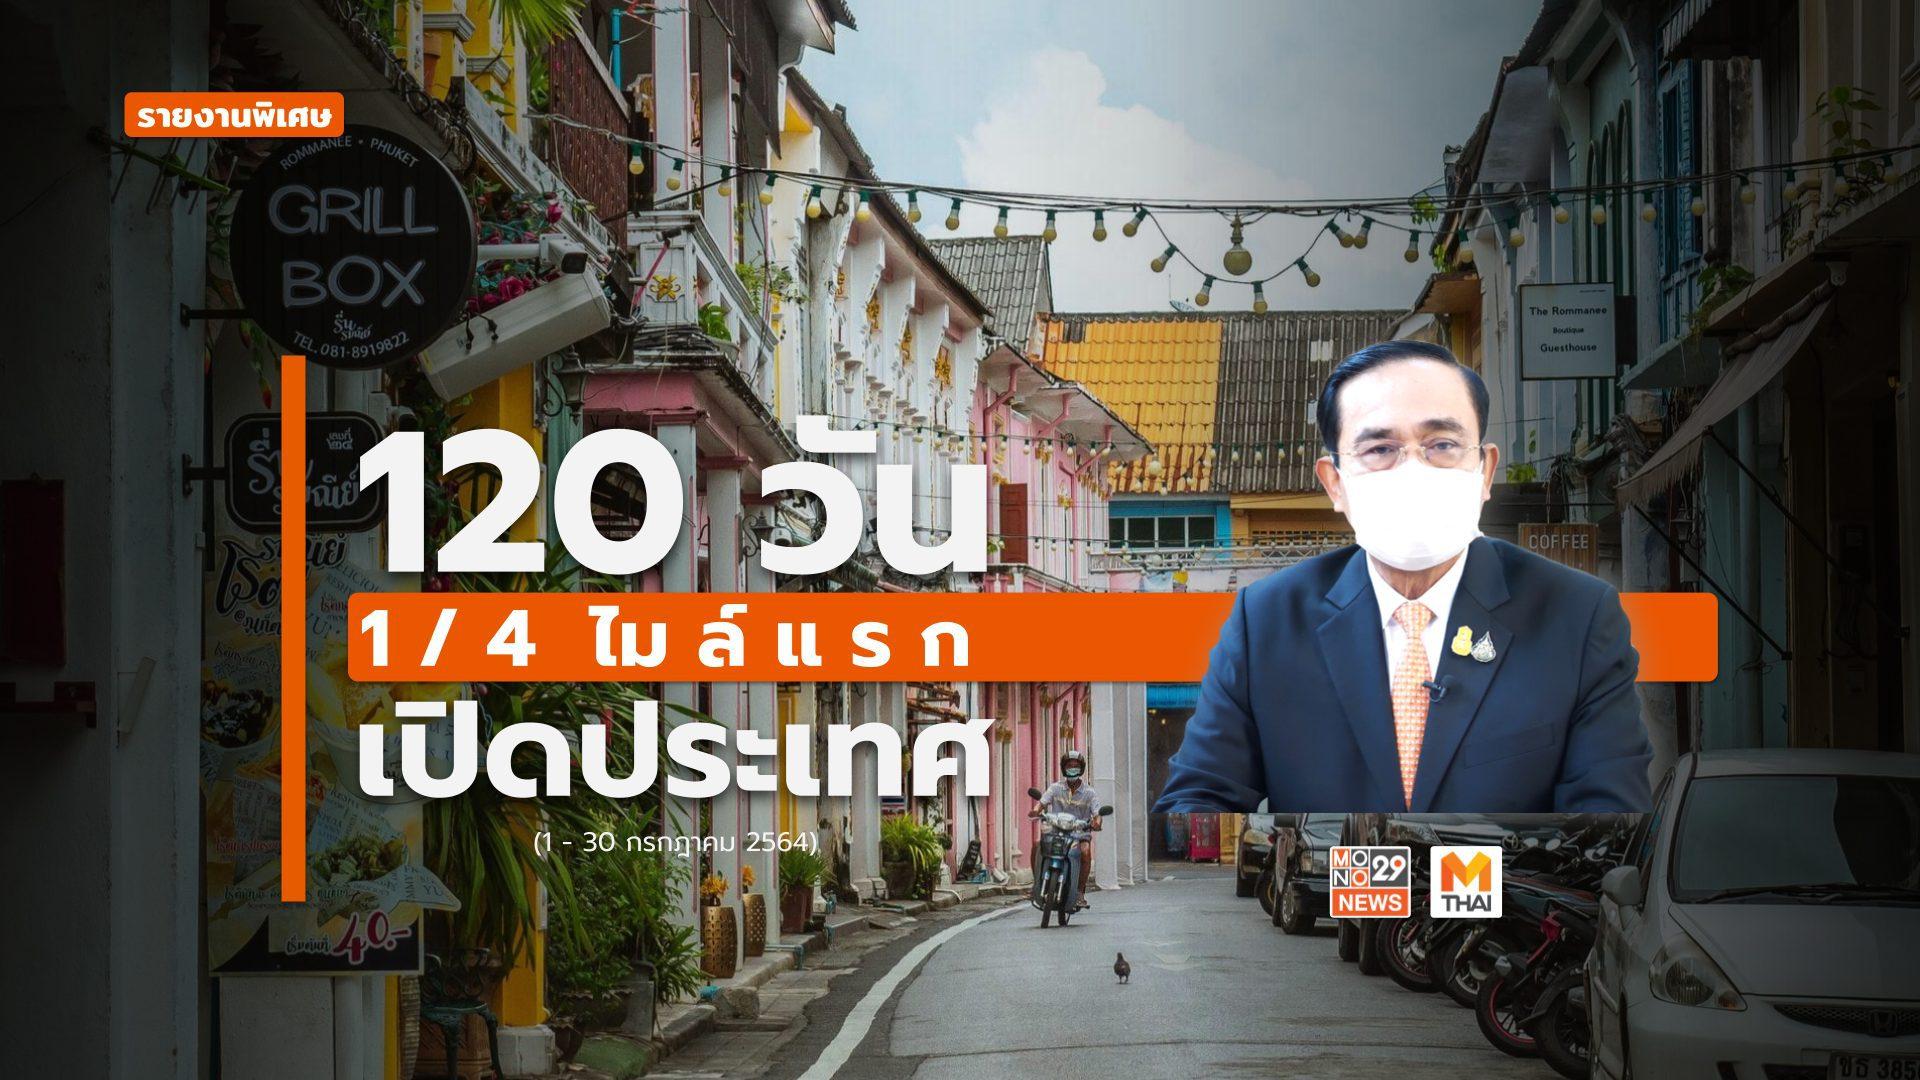 [รายงานพิเศษ] 1/4 ไมล์แรกจากปลายทาง 120 วันเปิดประเทศไทย